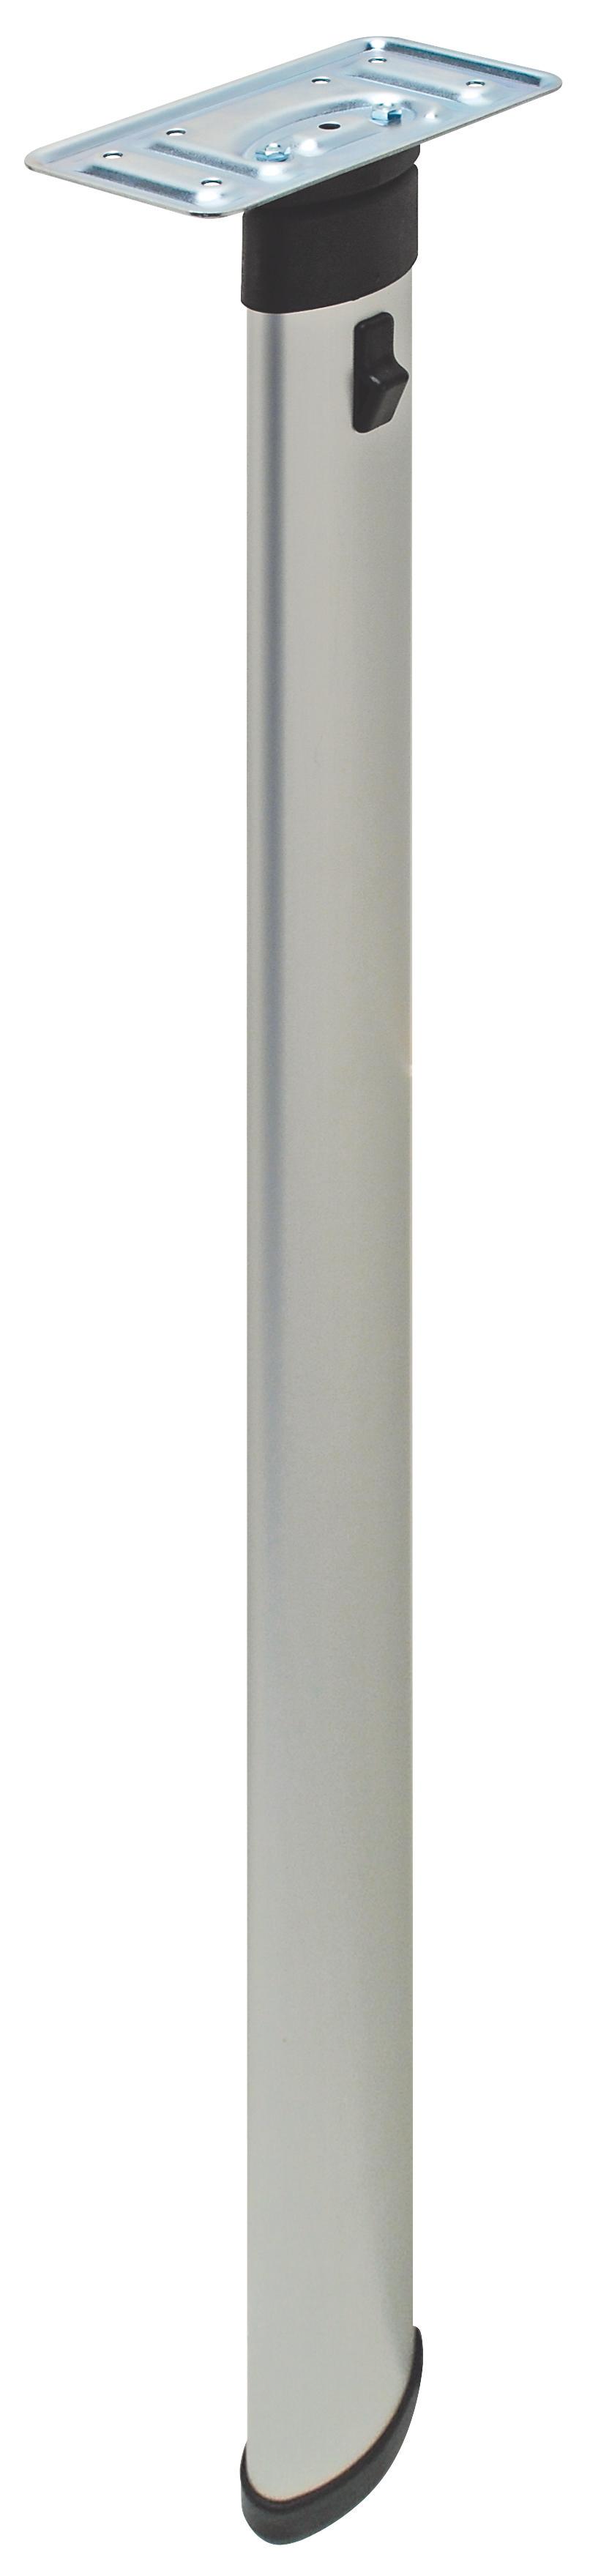 Hafele 635 64 901 Folding Table Leg Epoxy Coated Silver